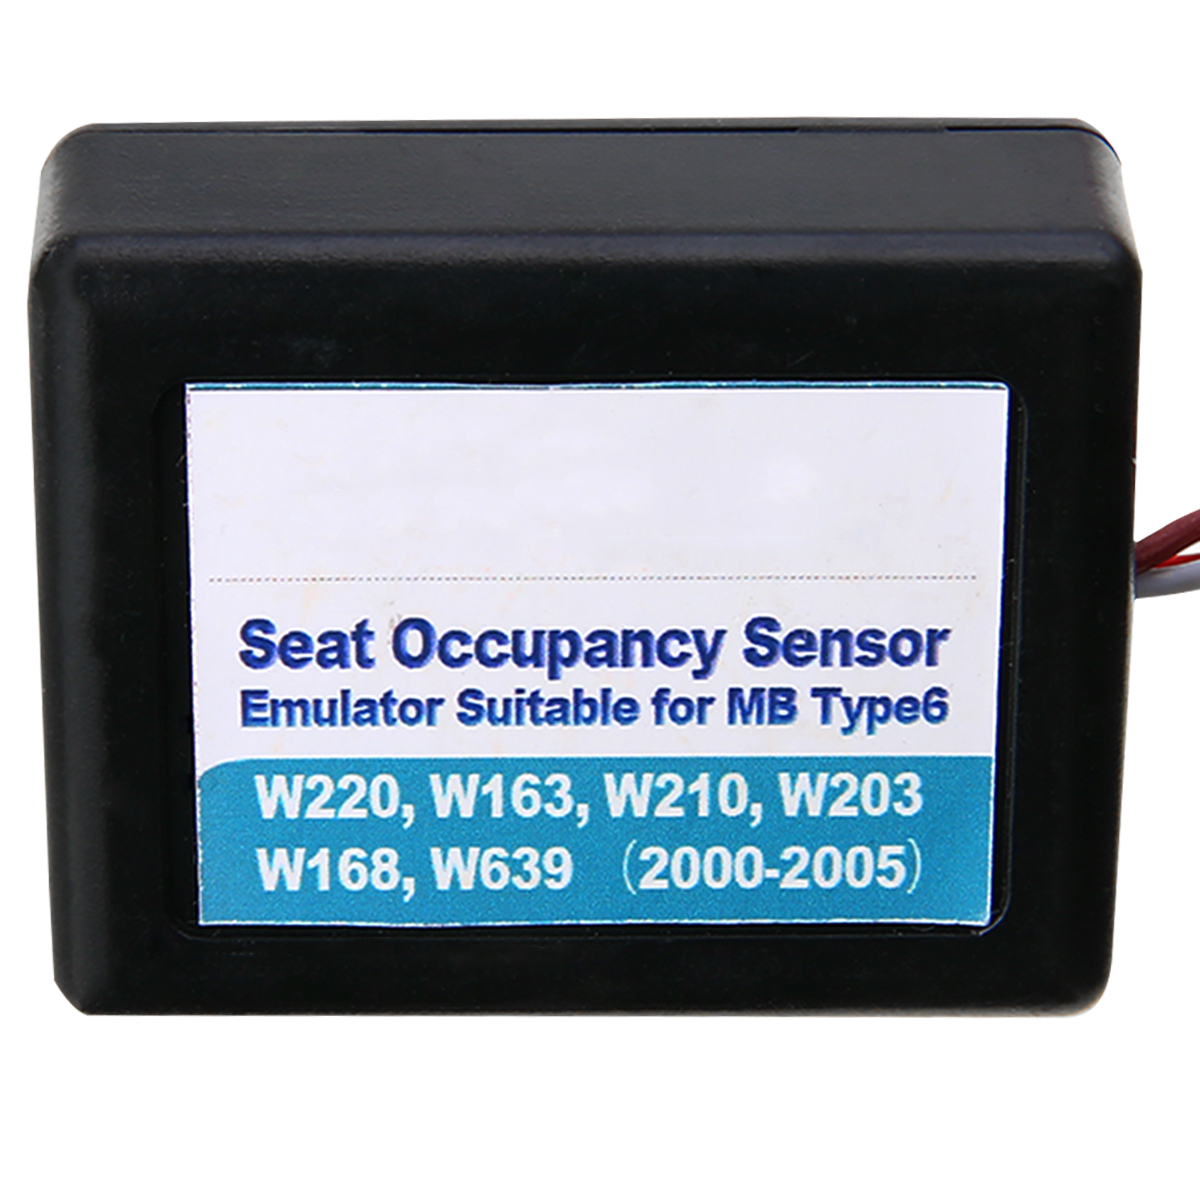 Image 4 - 1 шт. сиденье заполнение датчик занятости Эмулятор SRS для Mercedes Benz Type6 W220 W163 W210-in Инструменты сканирования подушек безопасности и симуляторы from Автомобили и мотоциклы